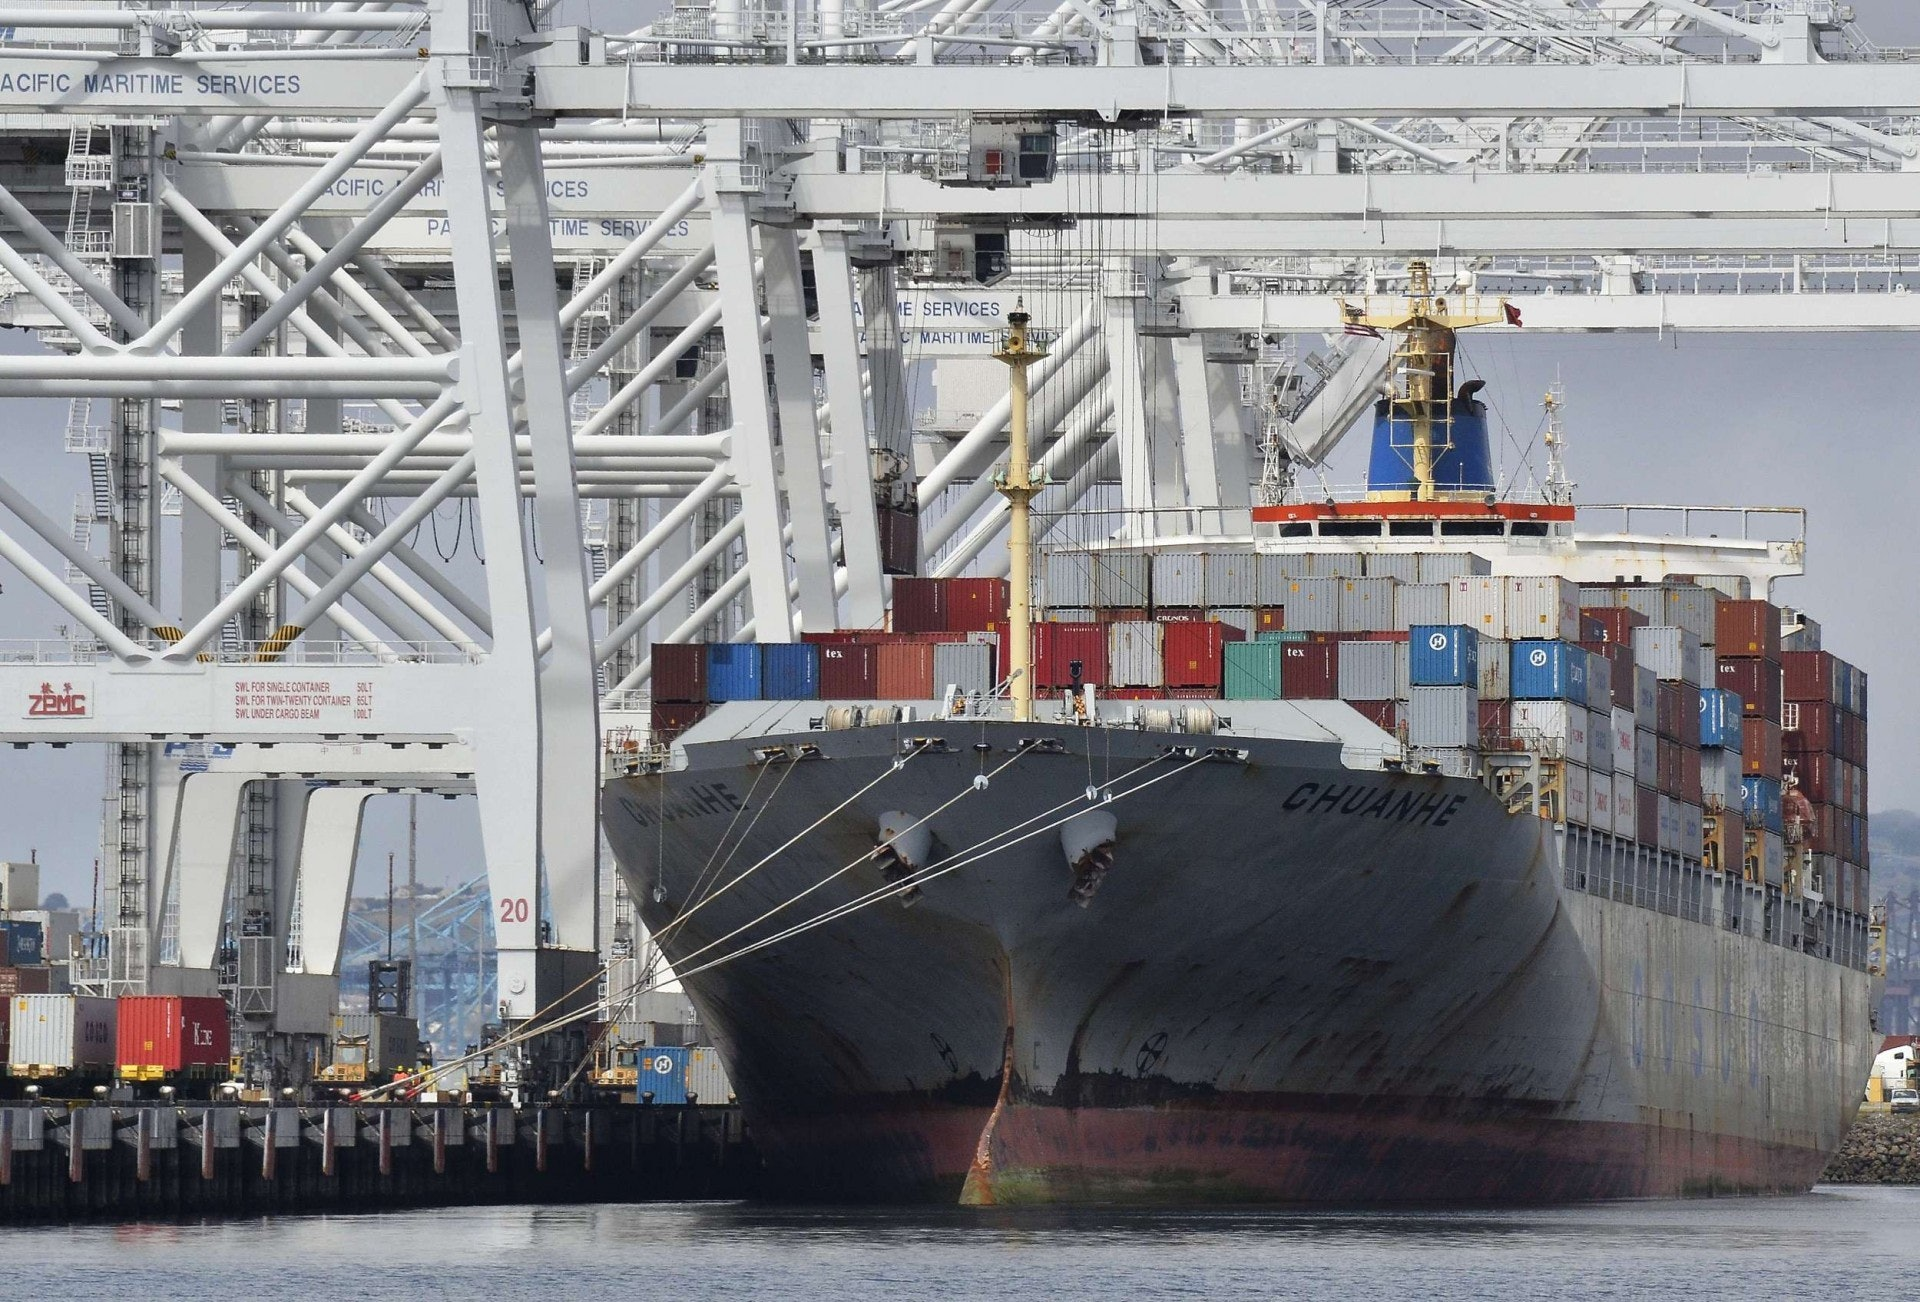 【中美贸易战】进出口商为避税各出奇招,养肥新职位